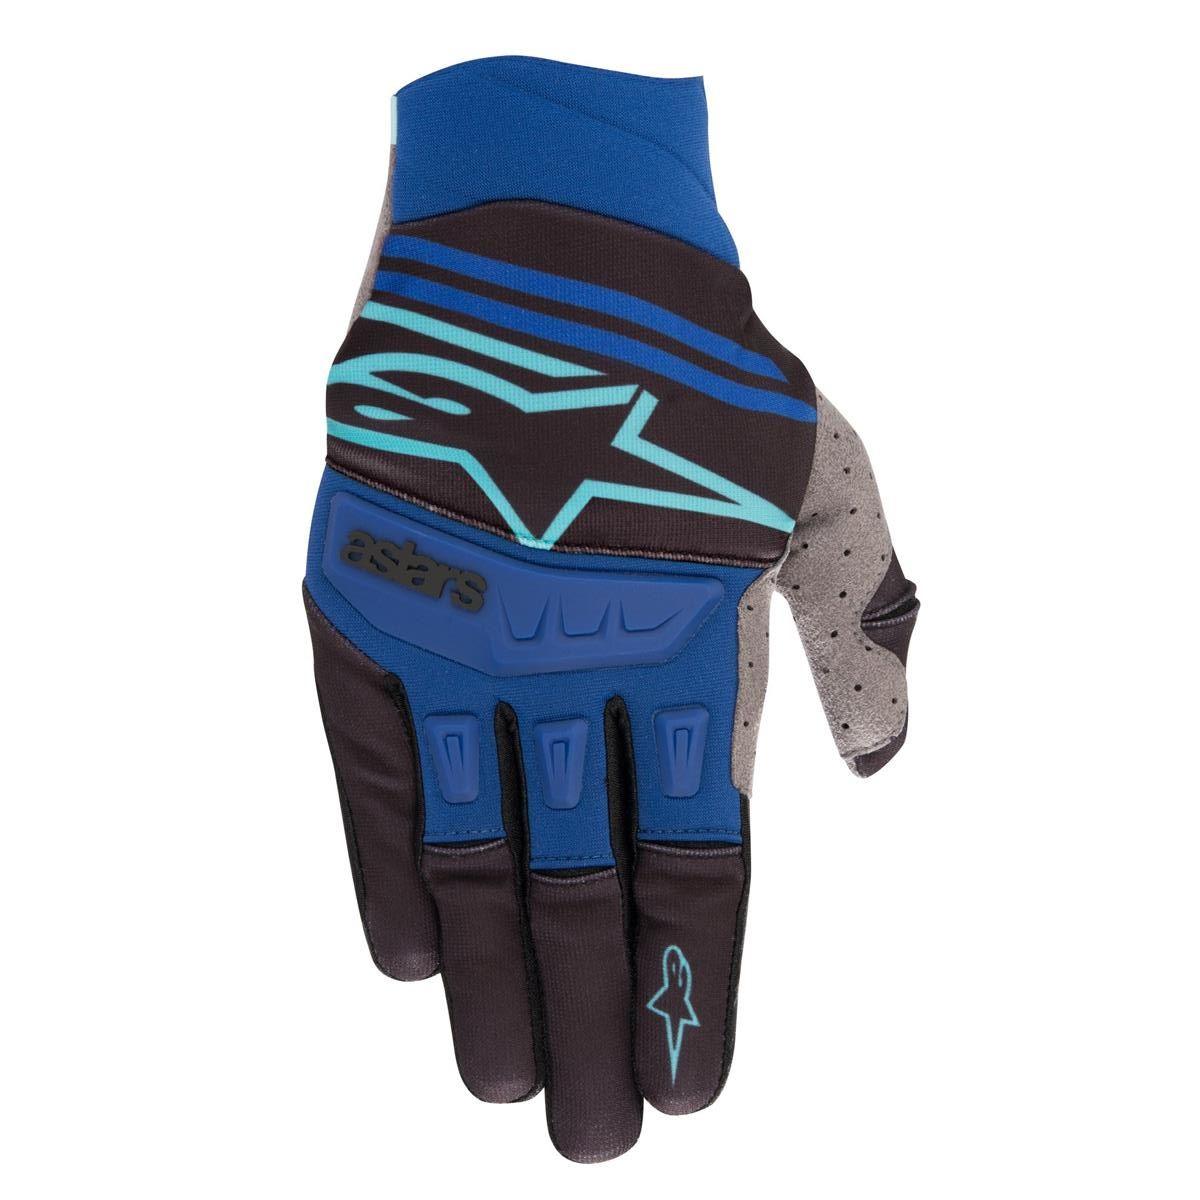 Alpinestars Handschuhe Techstar Schwarz/Türkis/Blau